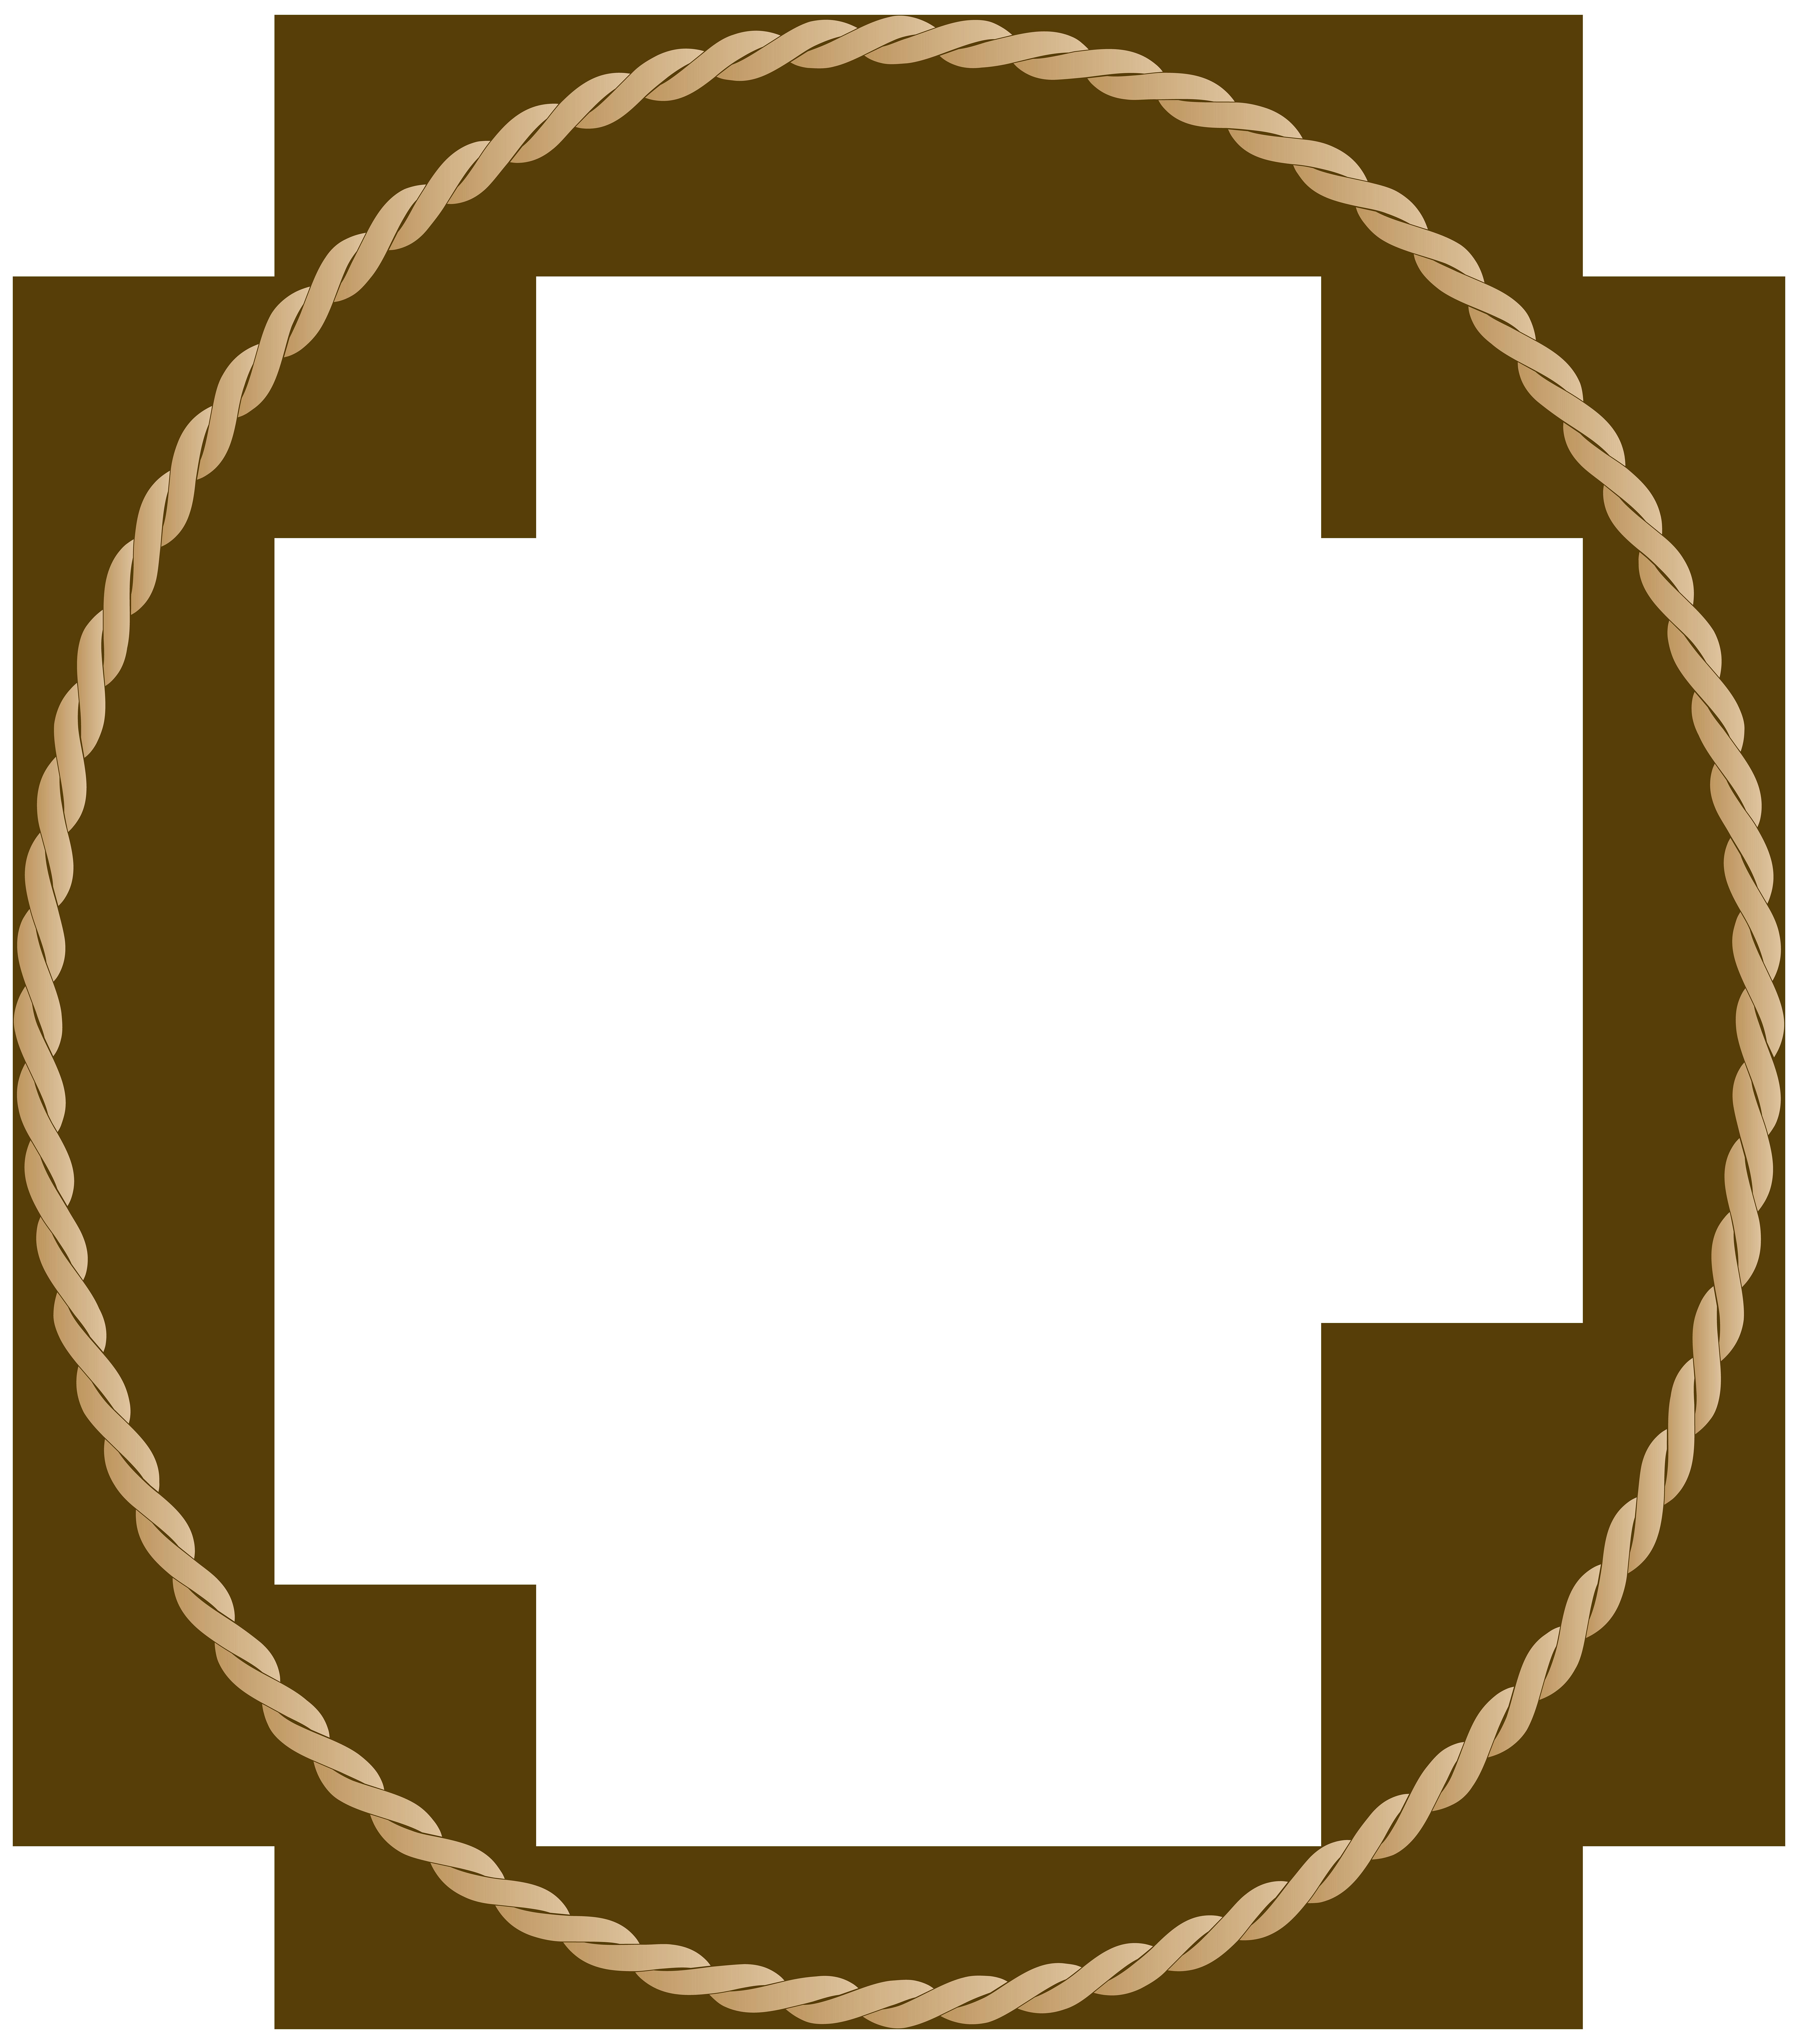 Oval Border Frame PNG Clip Art Image.